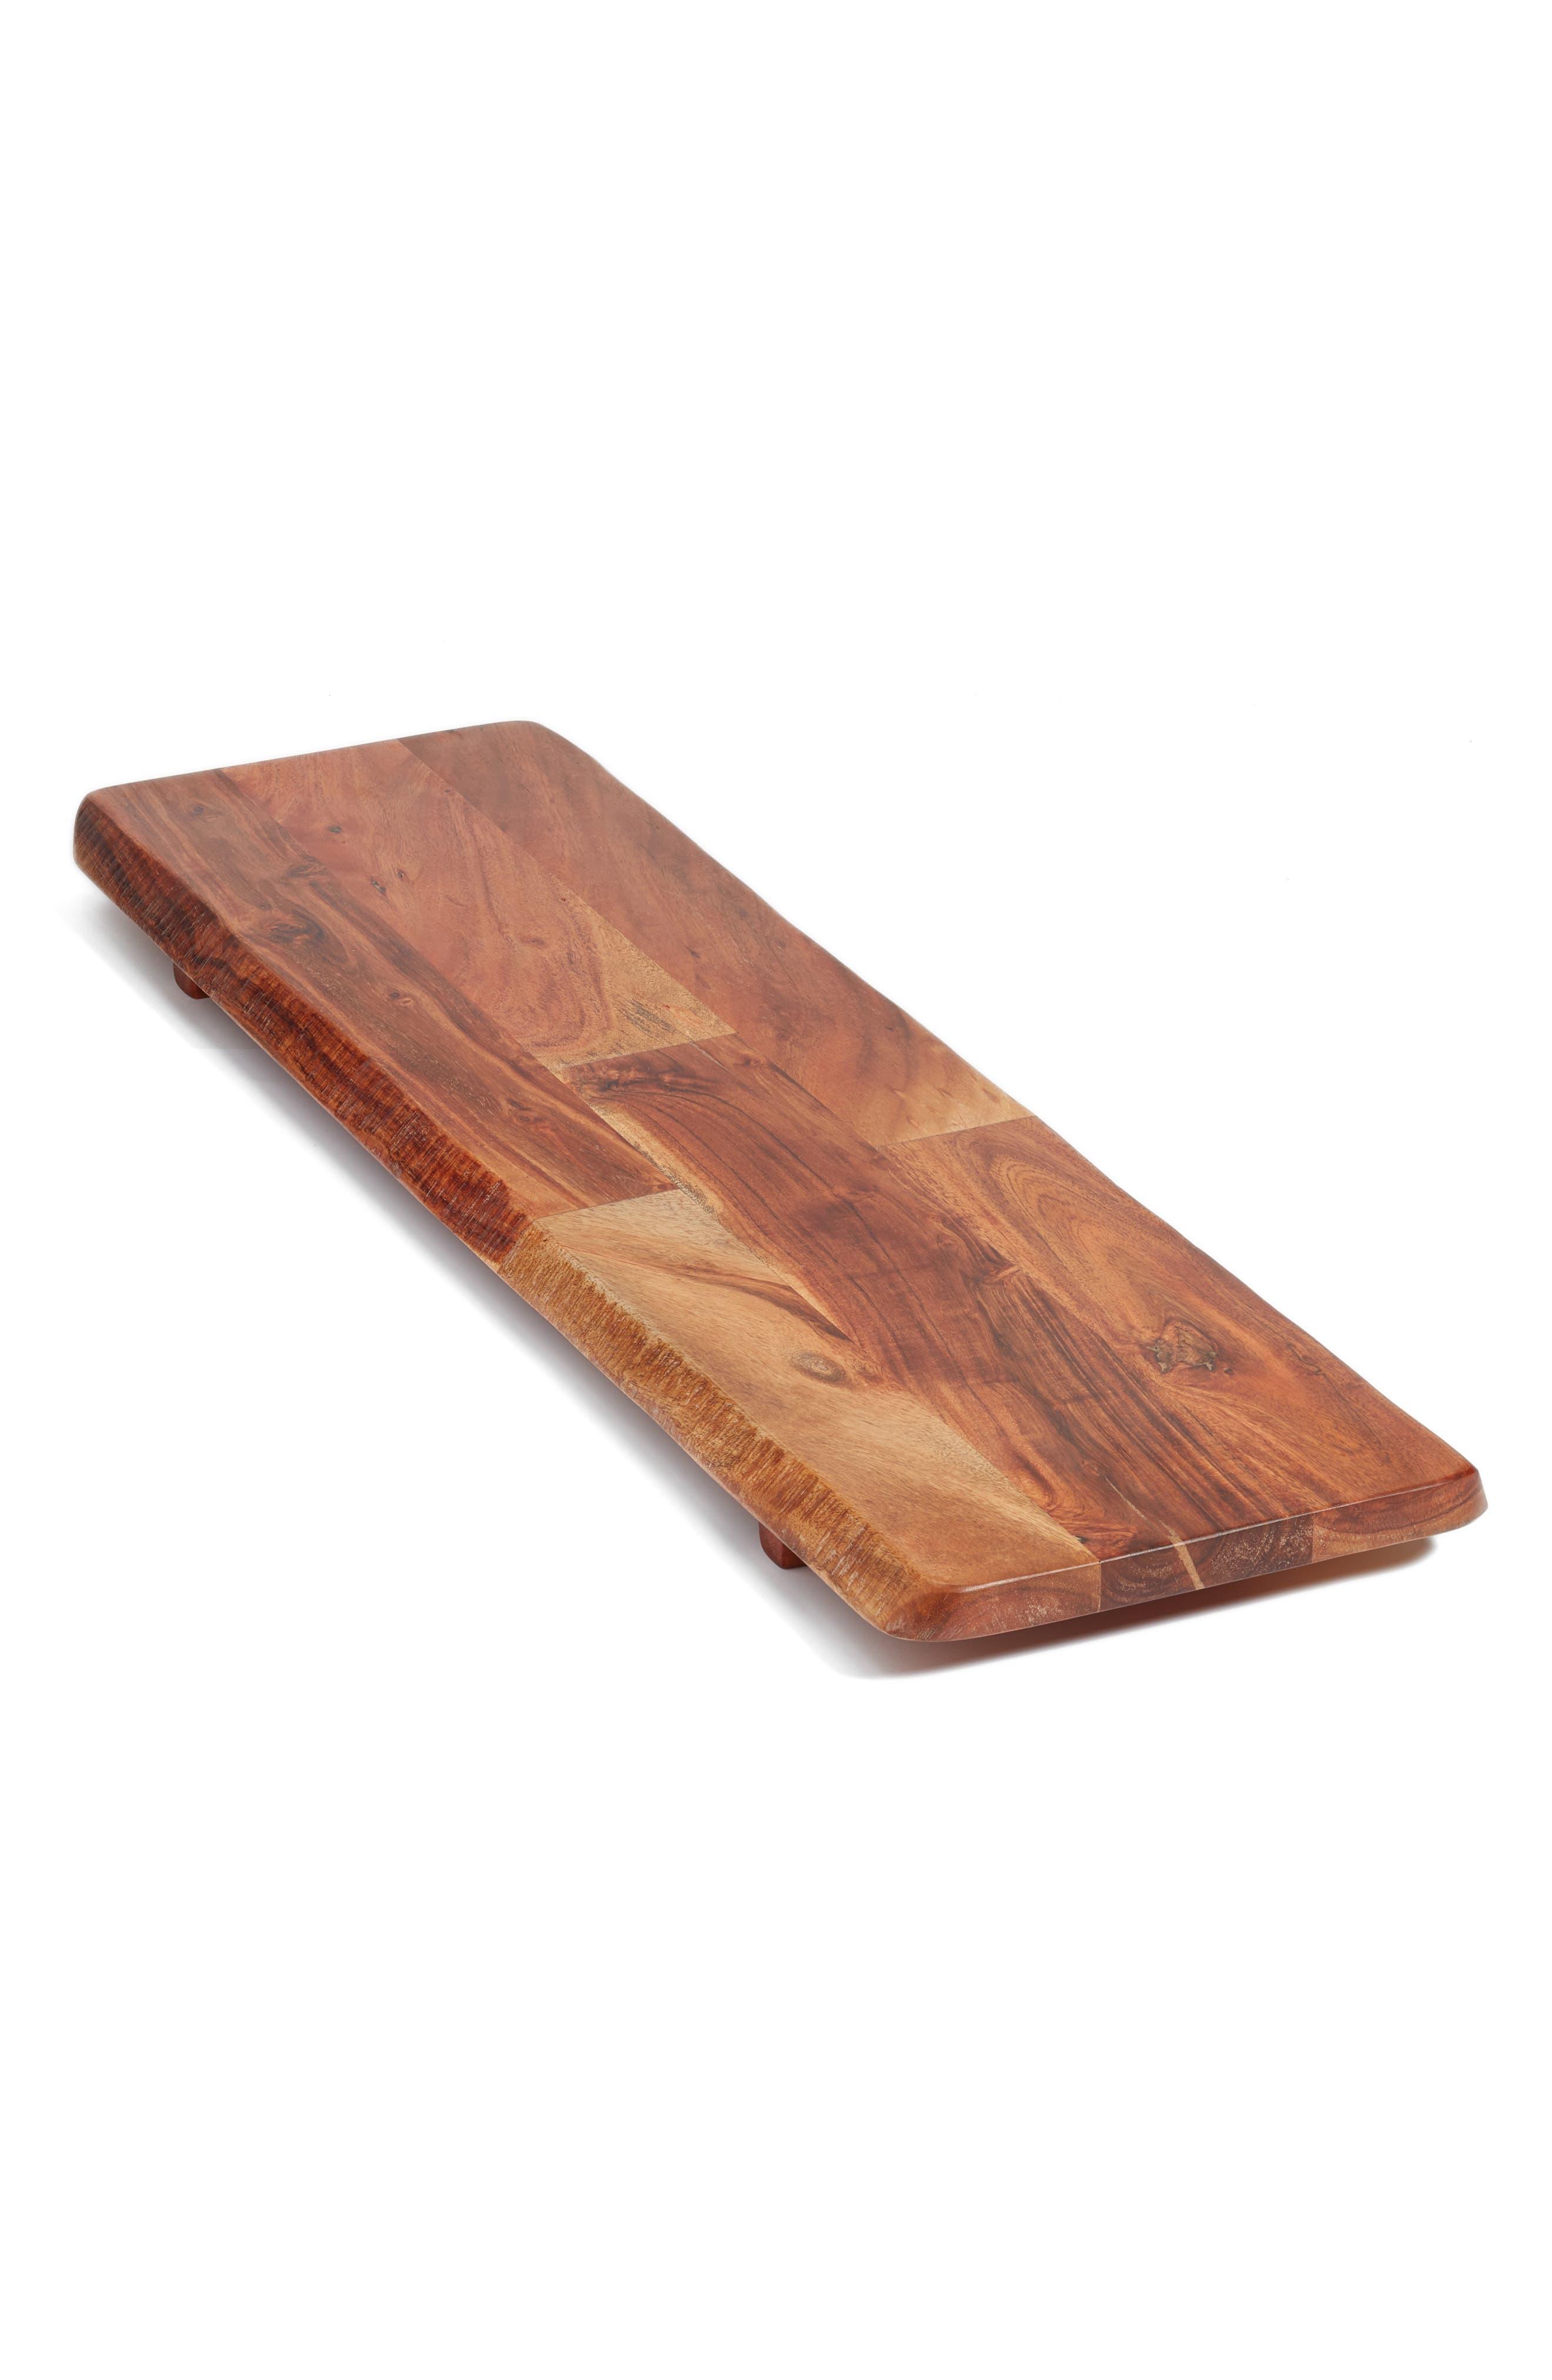 Large Acacia Wood Tray,                             Alternate thumbnail 3, color,                             Brown